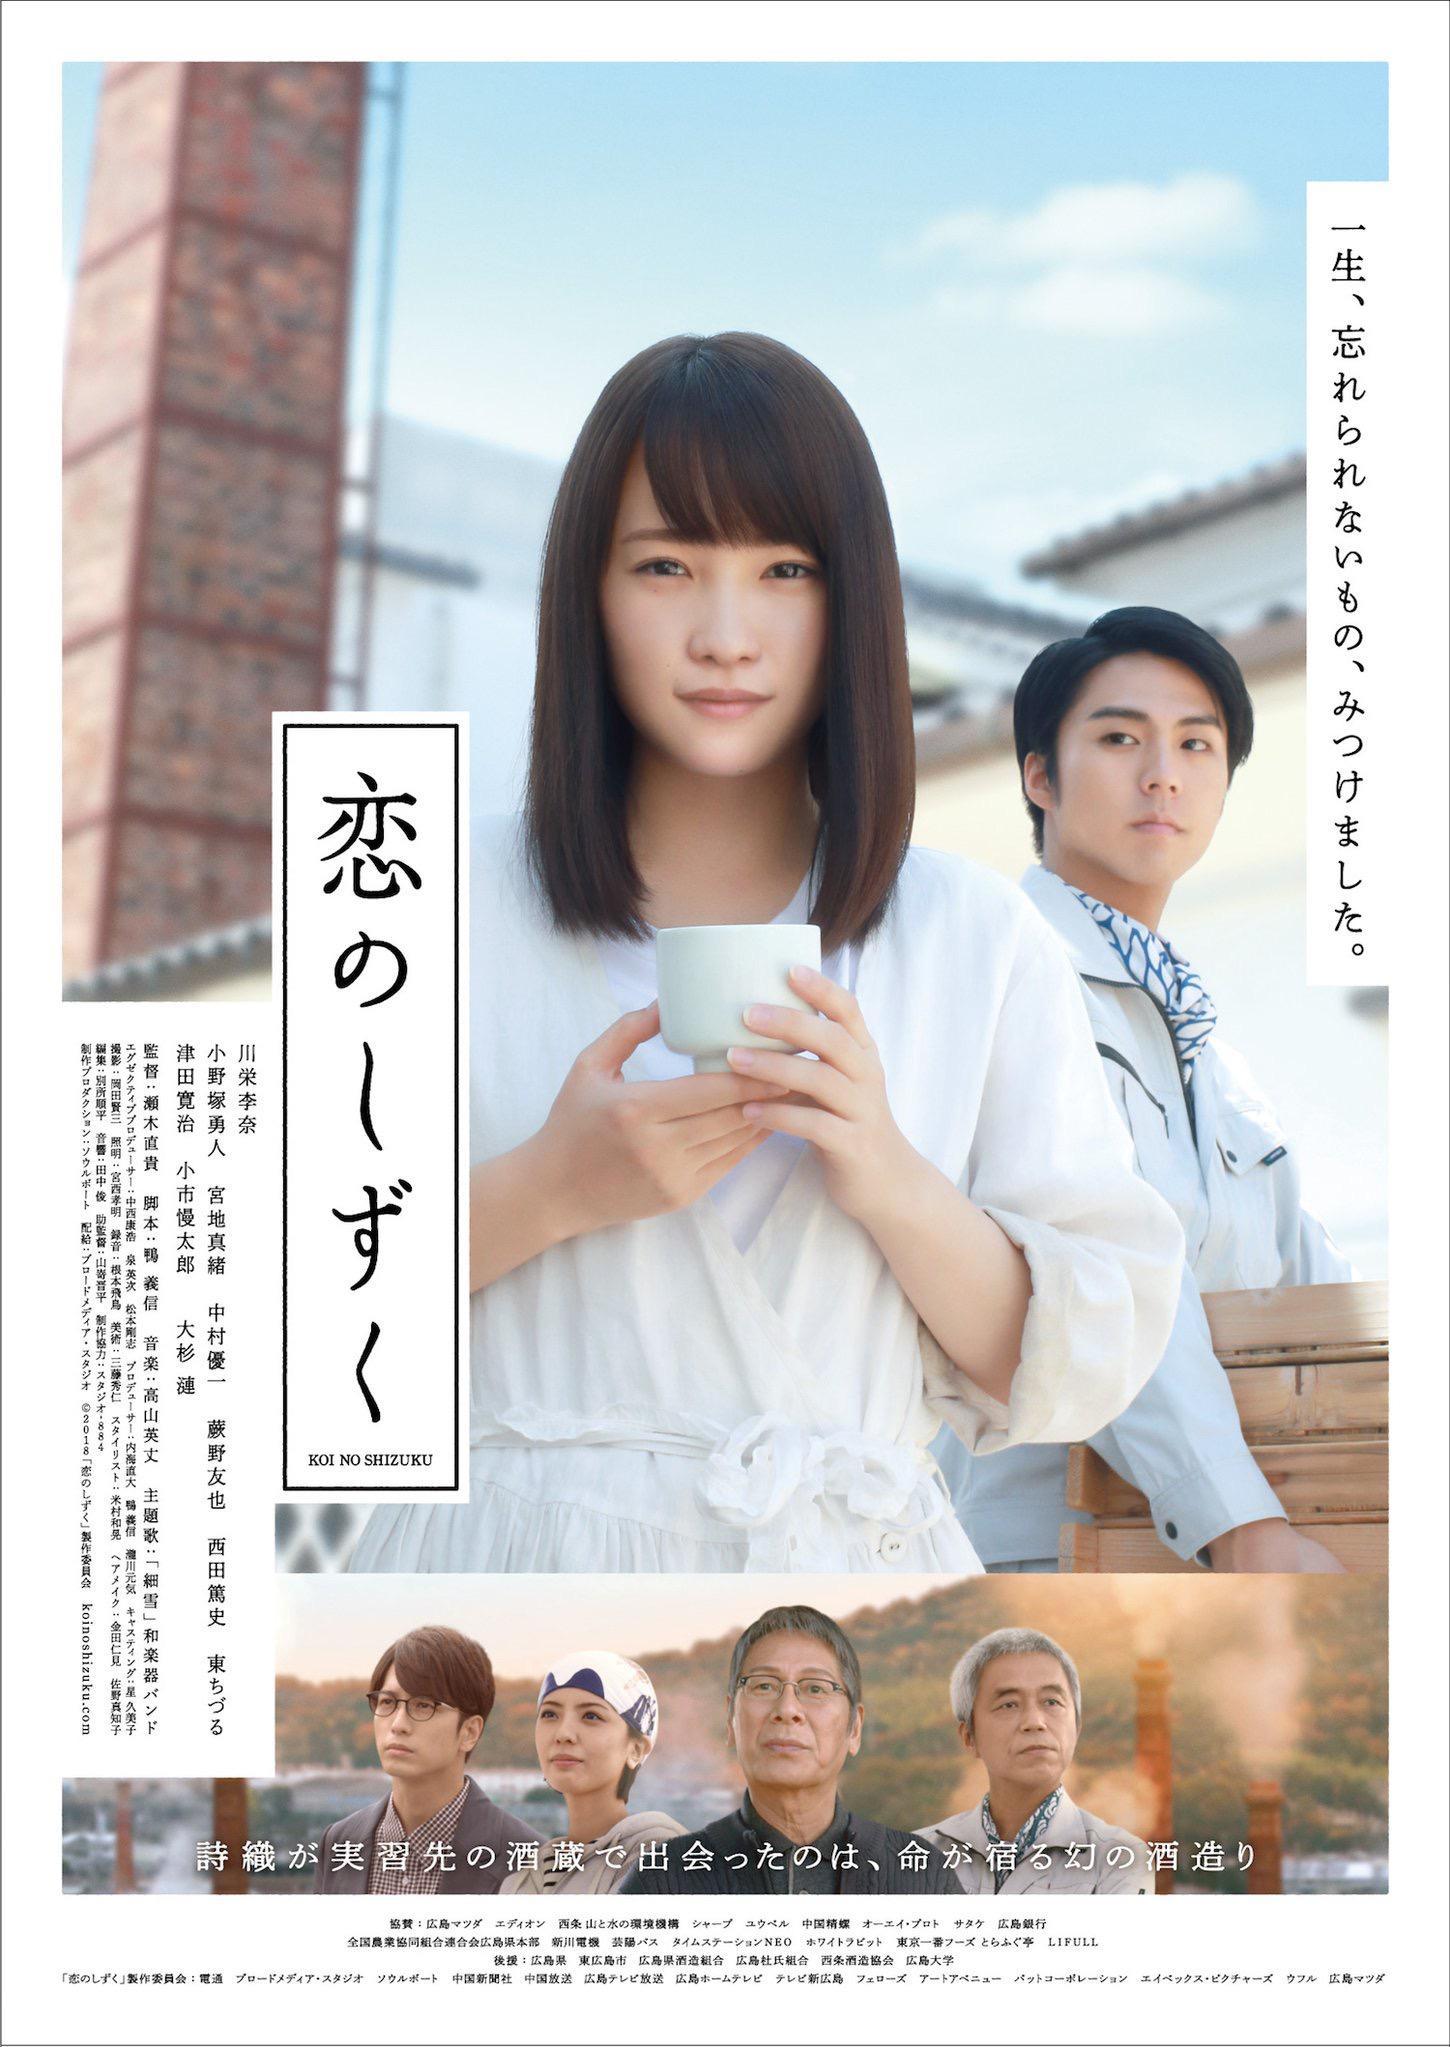 2018 日本《恋之酒滴》故事以被称为日本三大铭酿地之一的广岛县西岛市为舞台